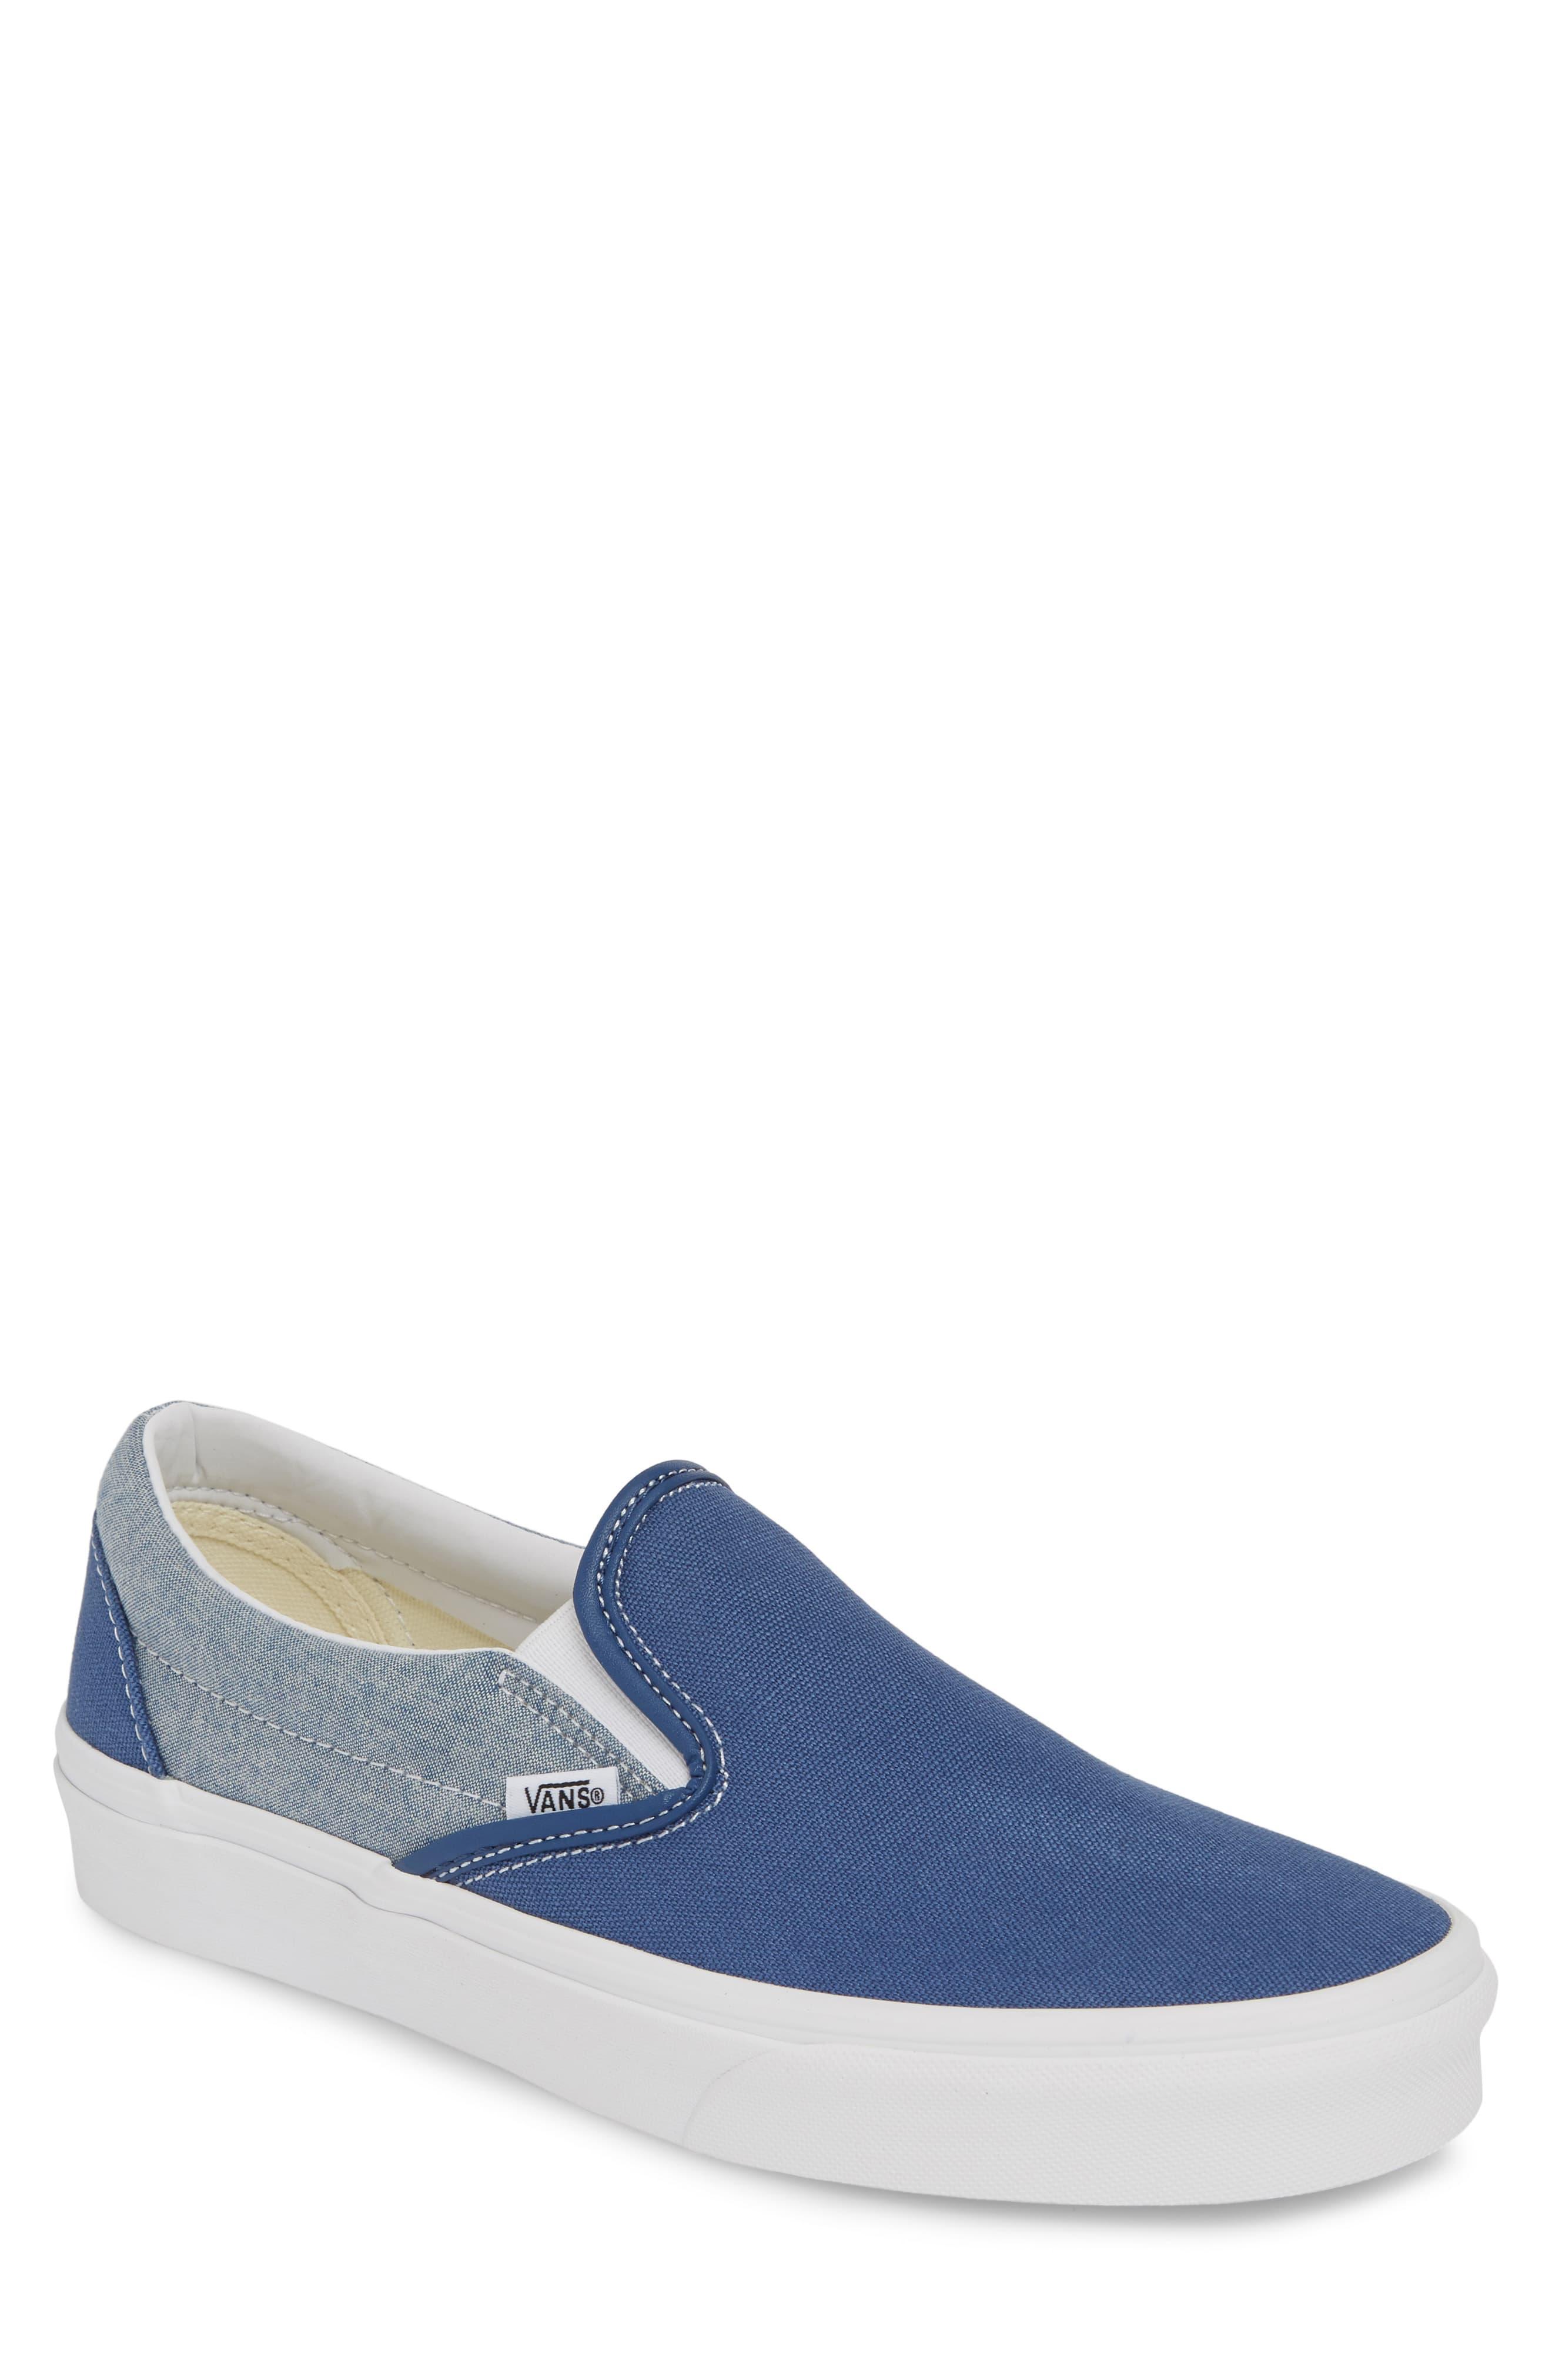 cfee878e Men's Vans 'Classic' Slip-On Sneaker, Size 9 M - White in 2019 ...